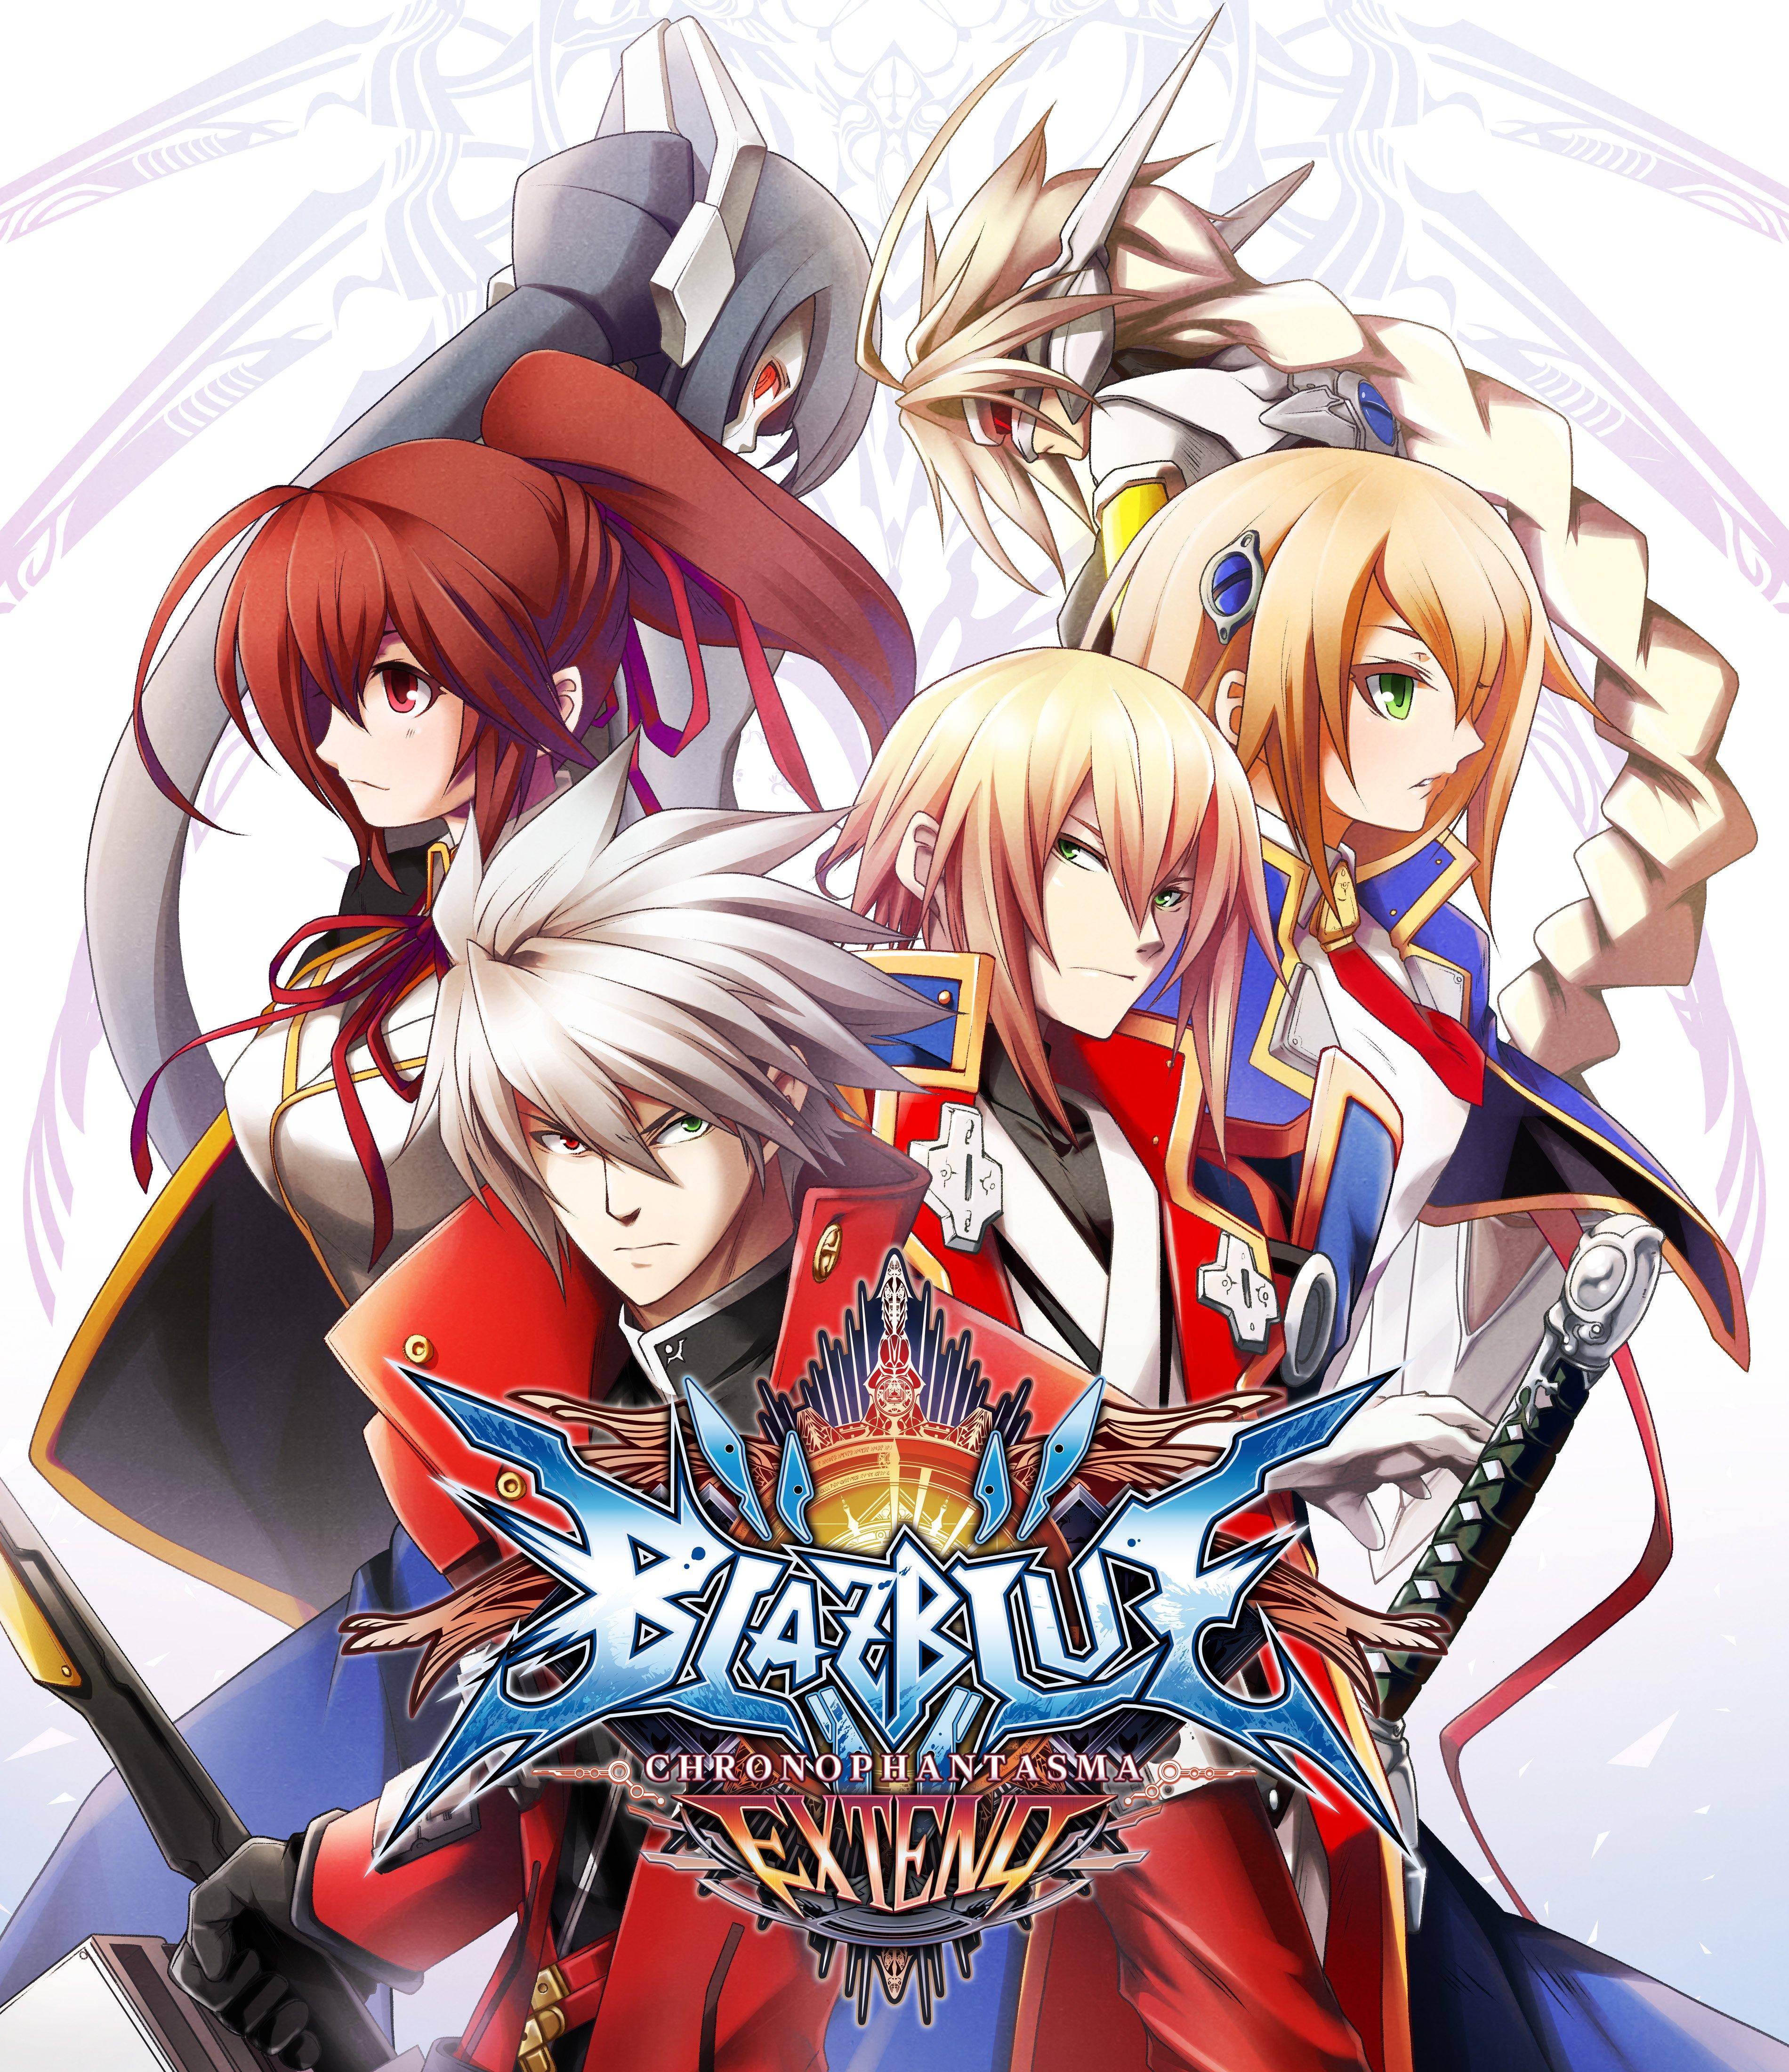 中国では初公開となる「BLAZBLUE」(PS4)